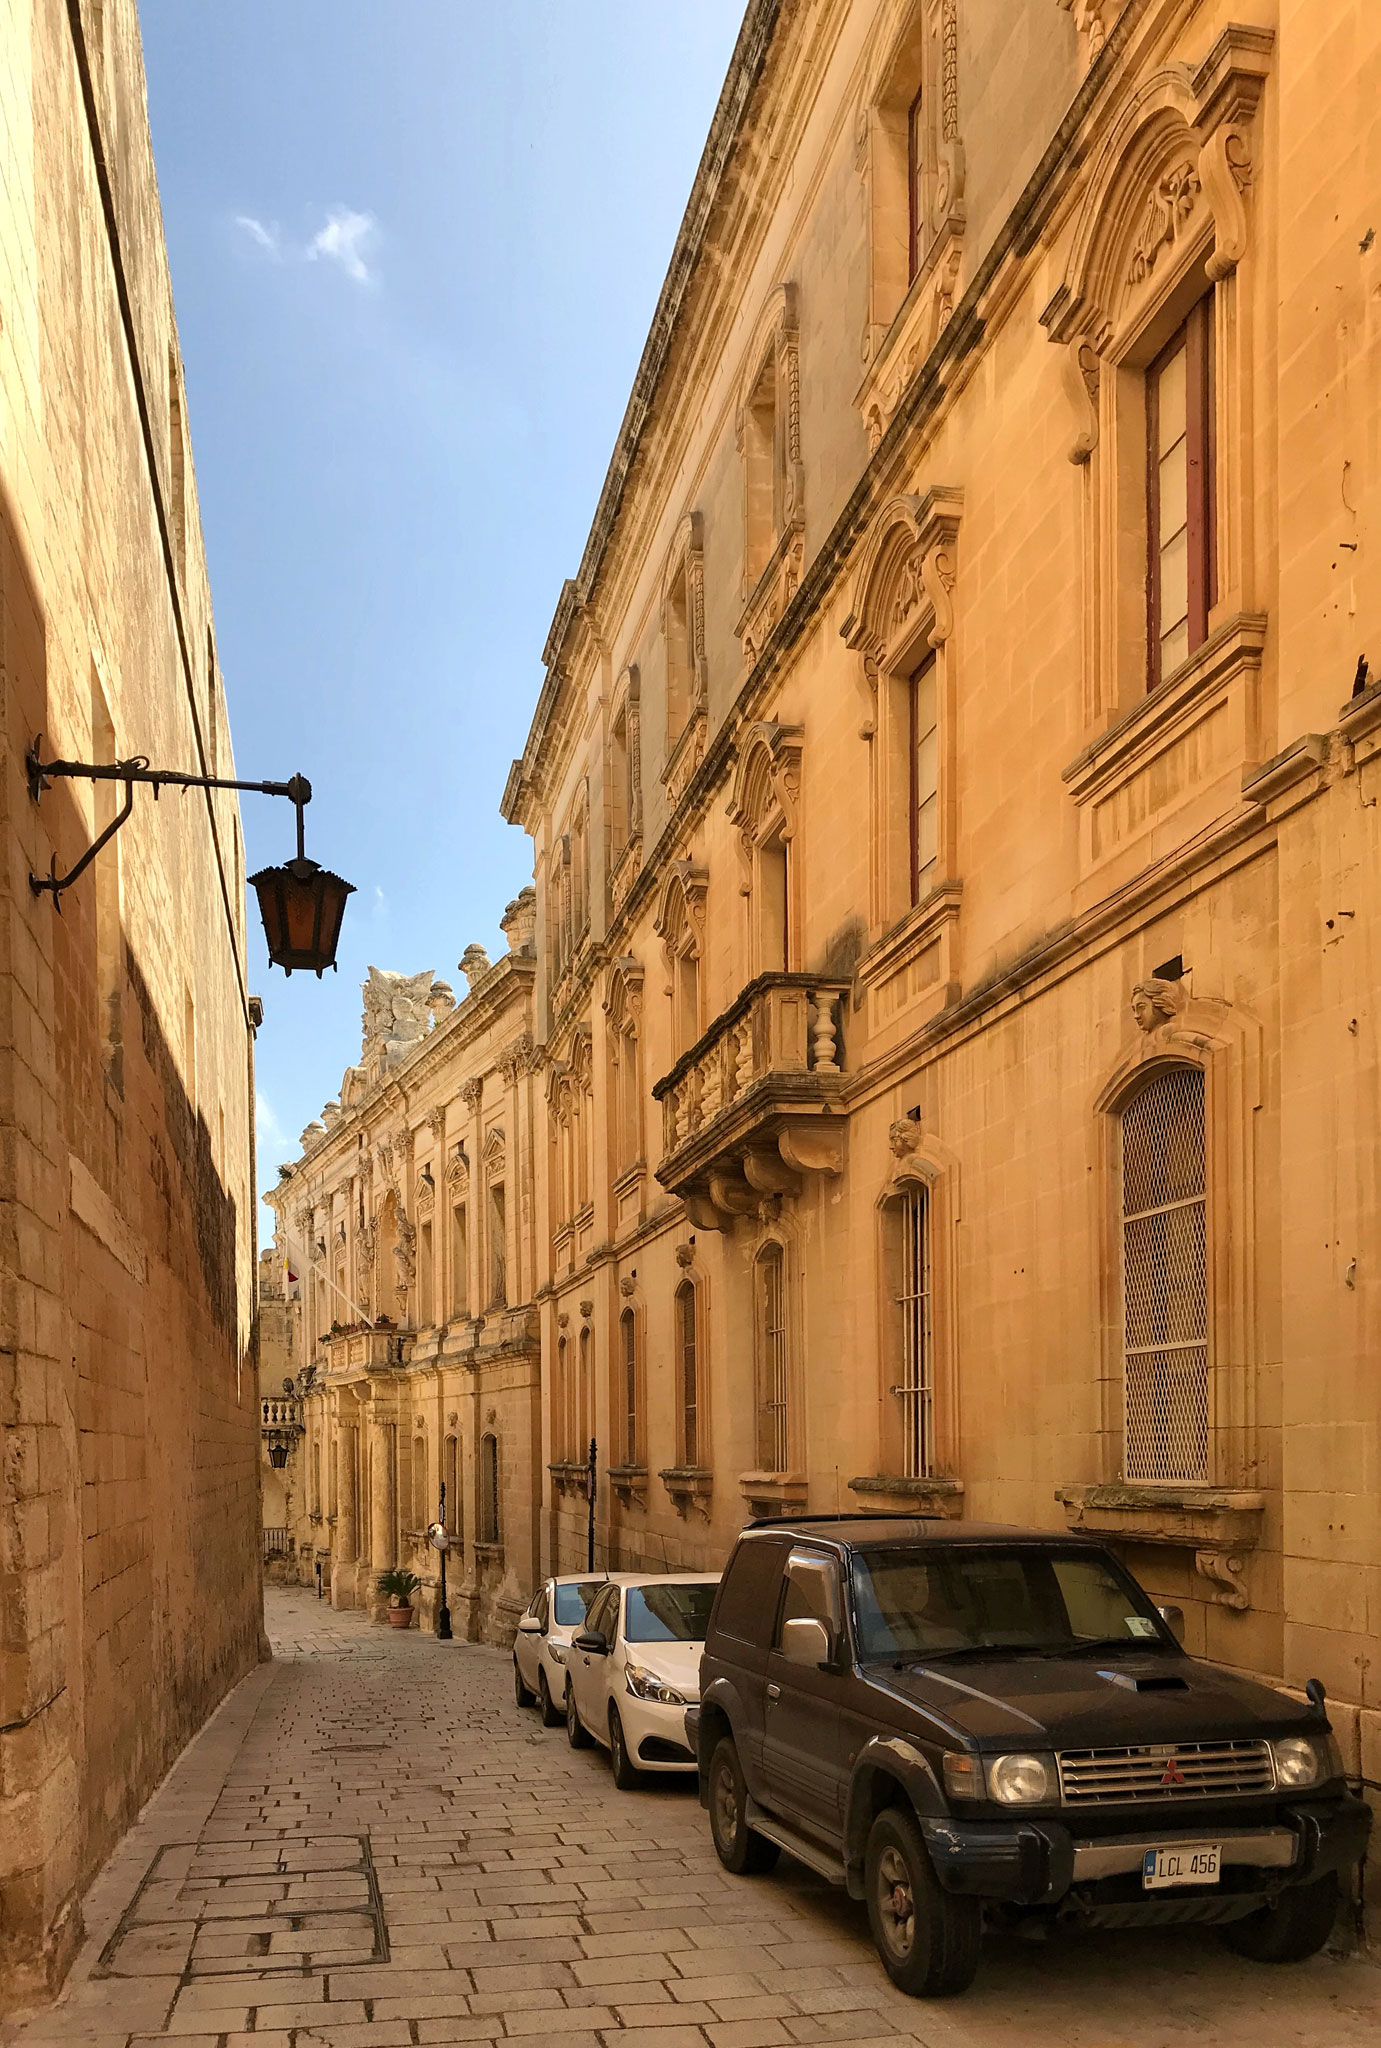 Mdina-Malta-palazzo-stile-barocco-strada-pietra-maltese